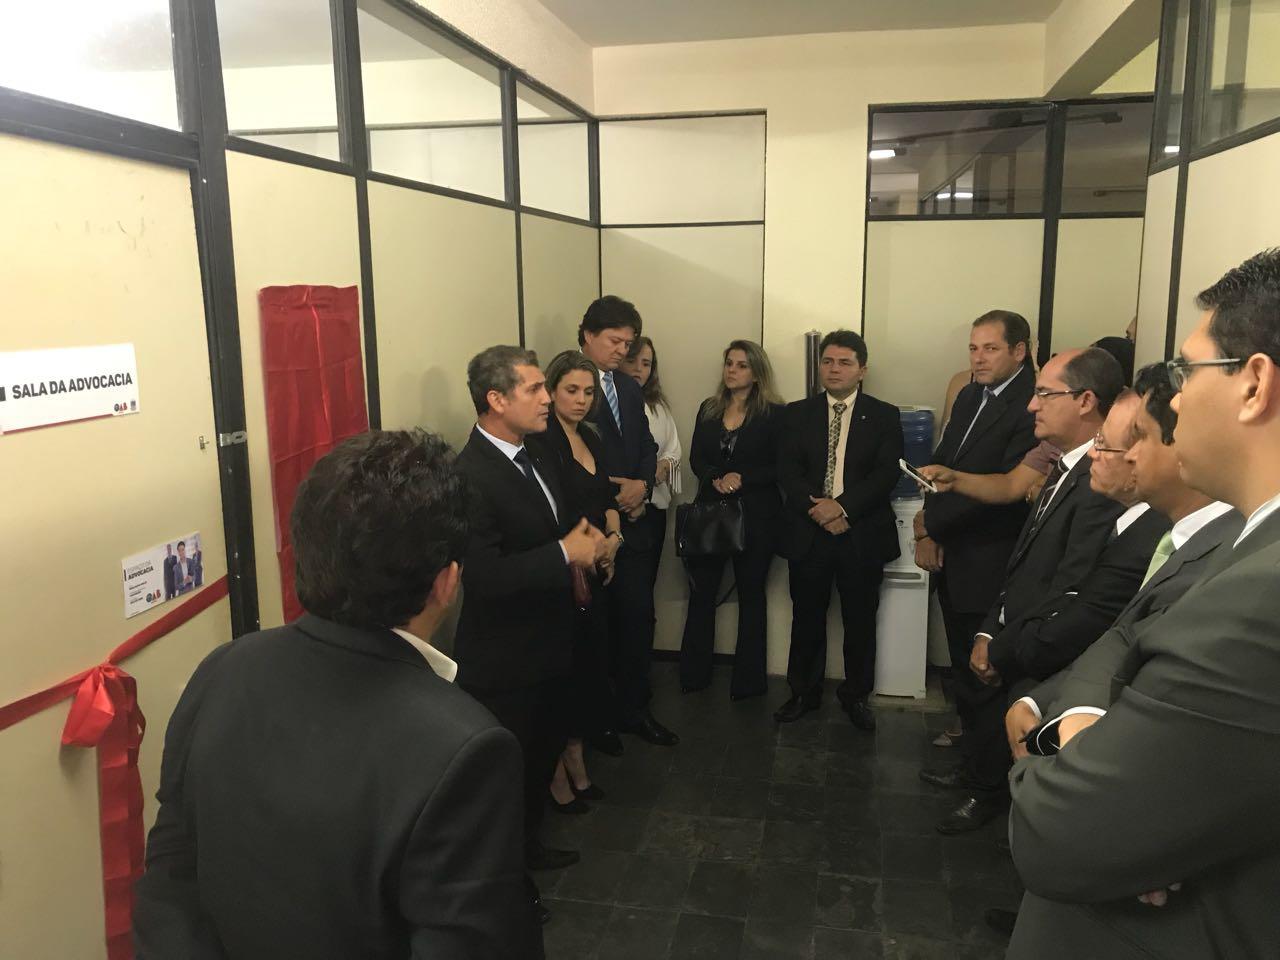 OAB-PB inaugura Sala da Advocacia no Fórum de Jacaraú e atende advogados do Litoral Norte